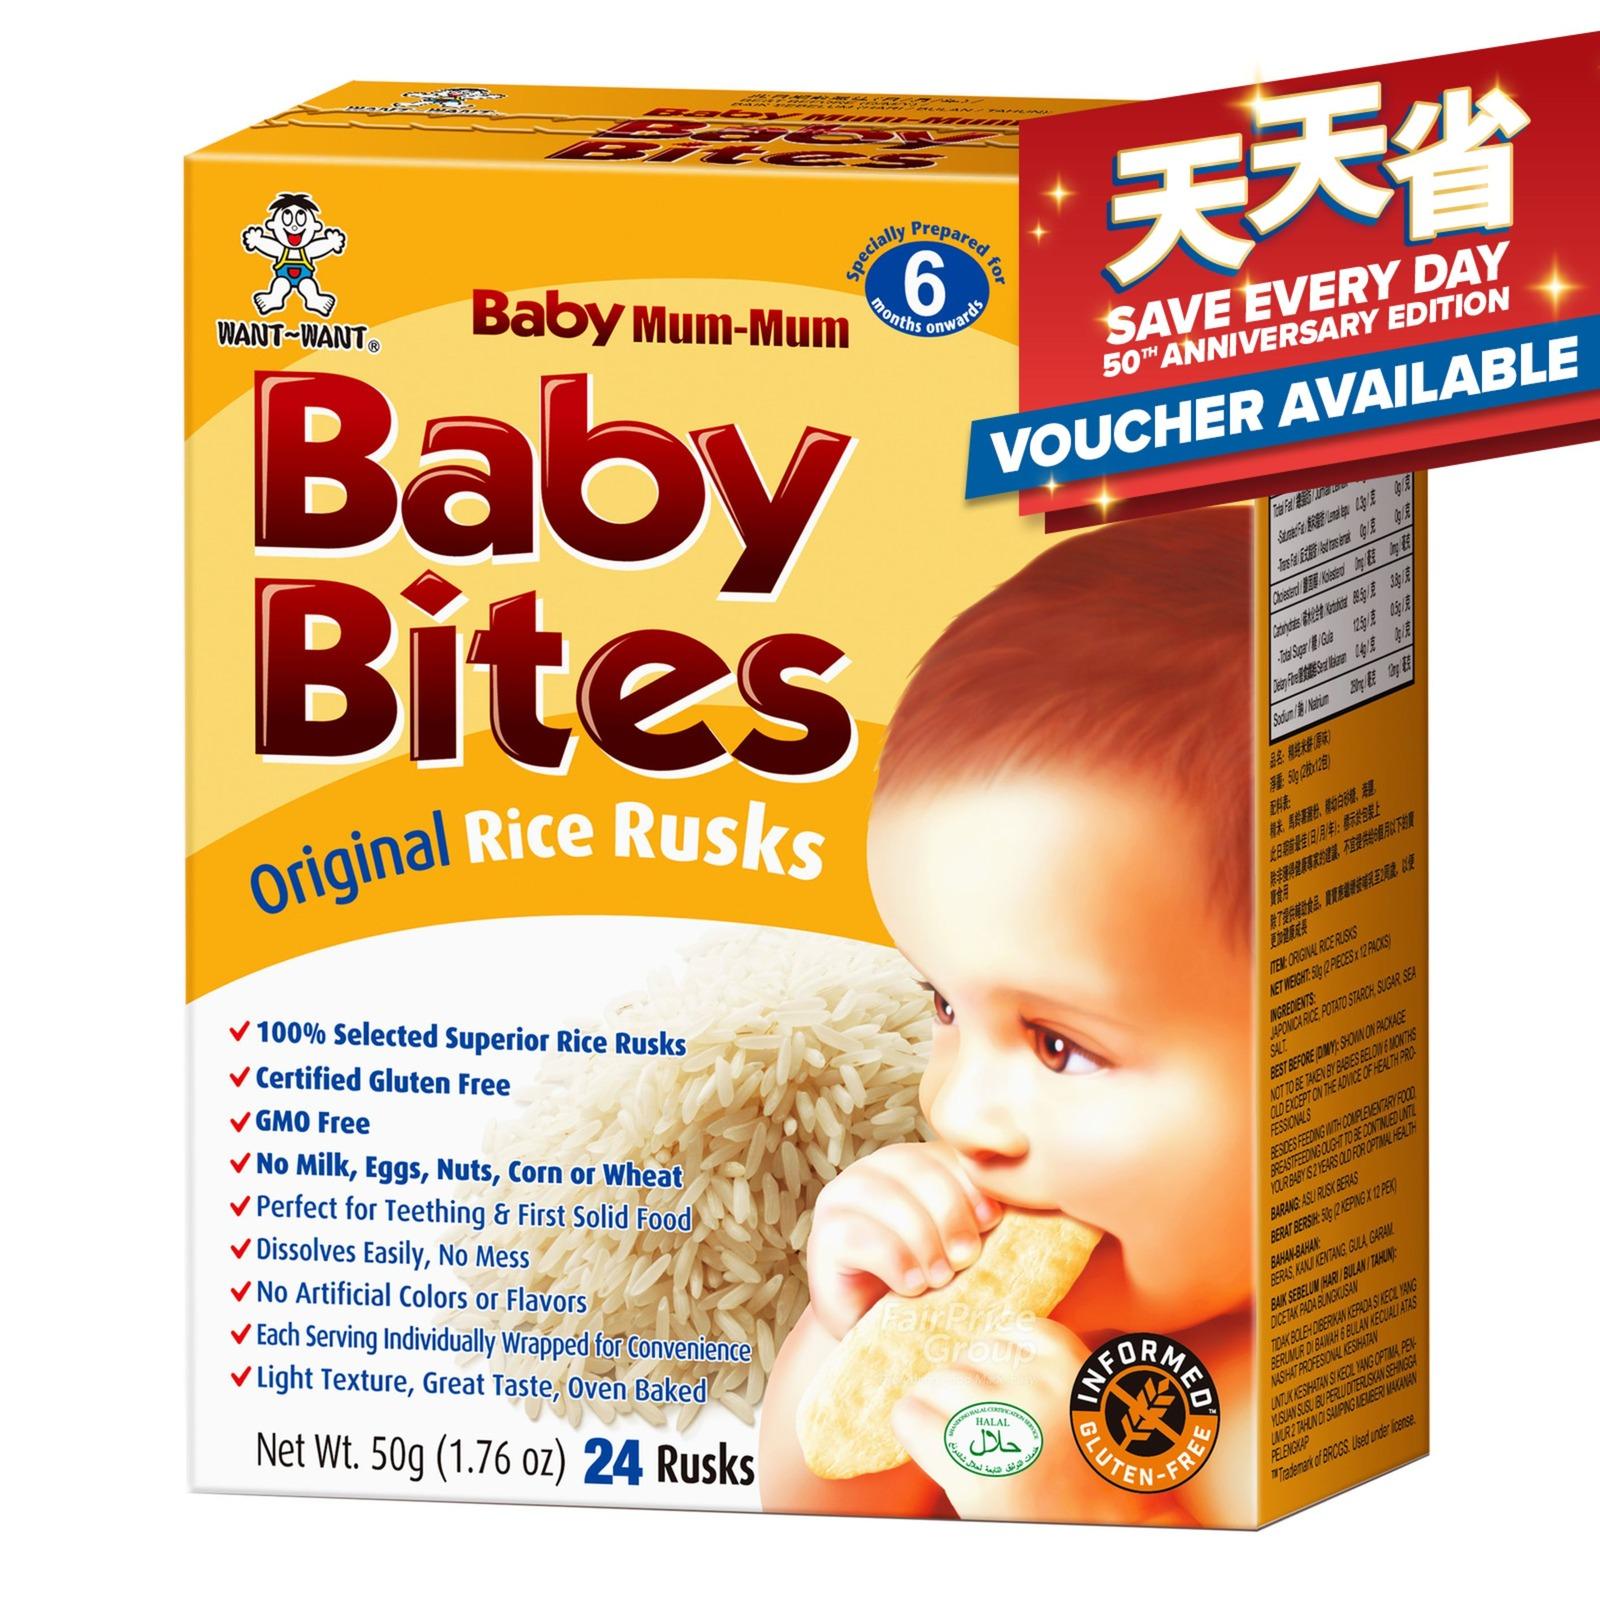 Take One Baby Bites - Original